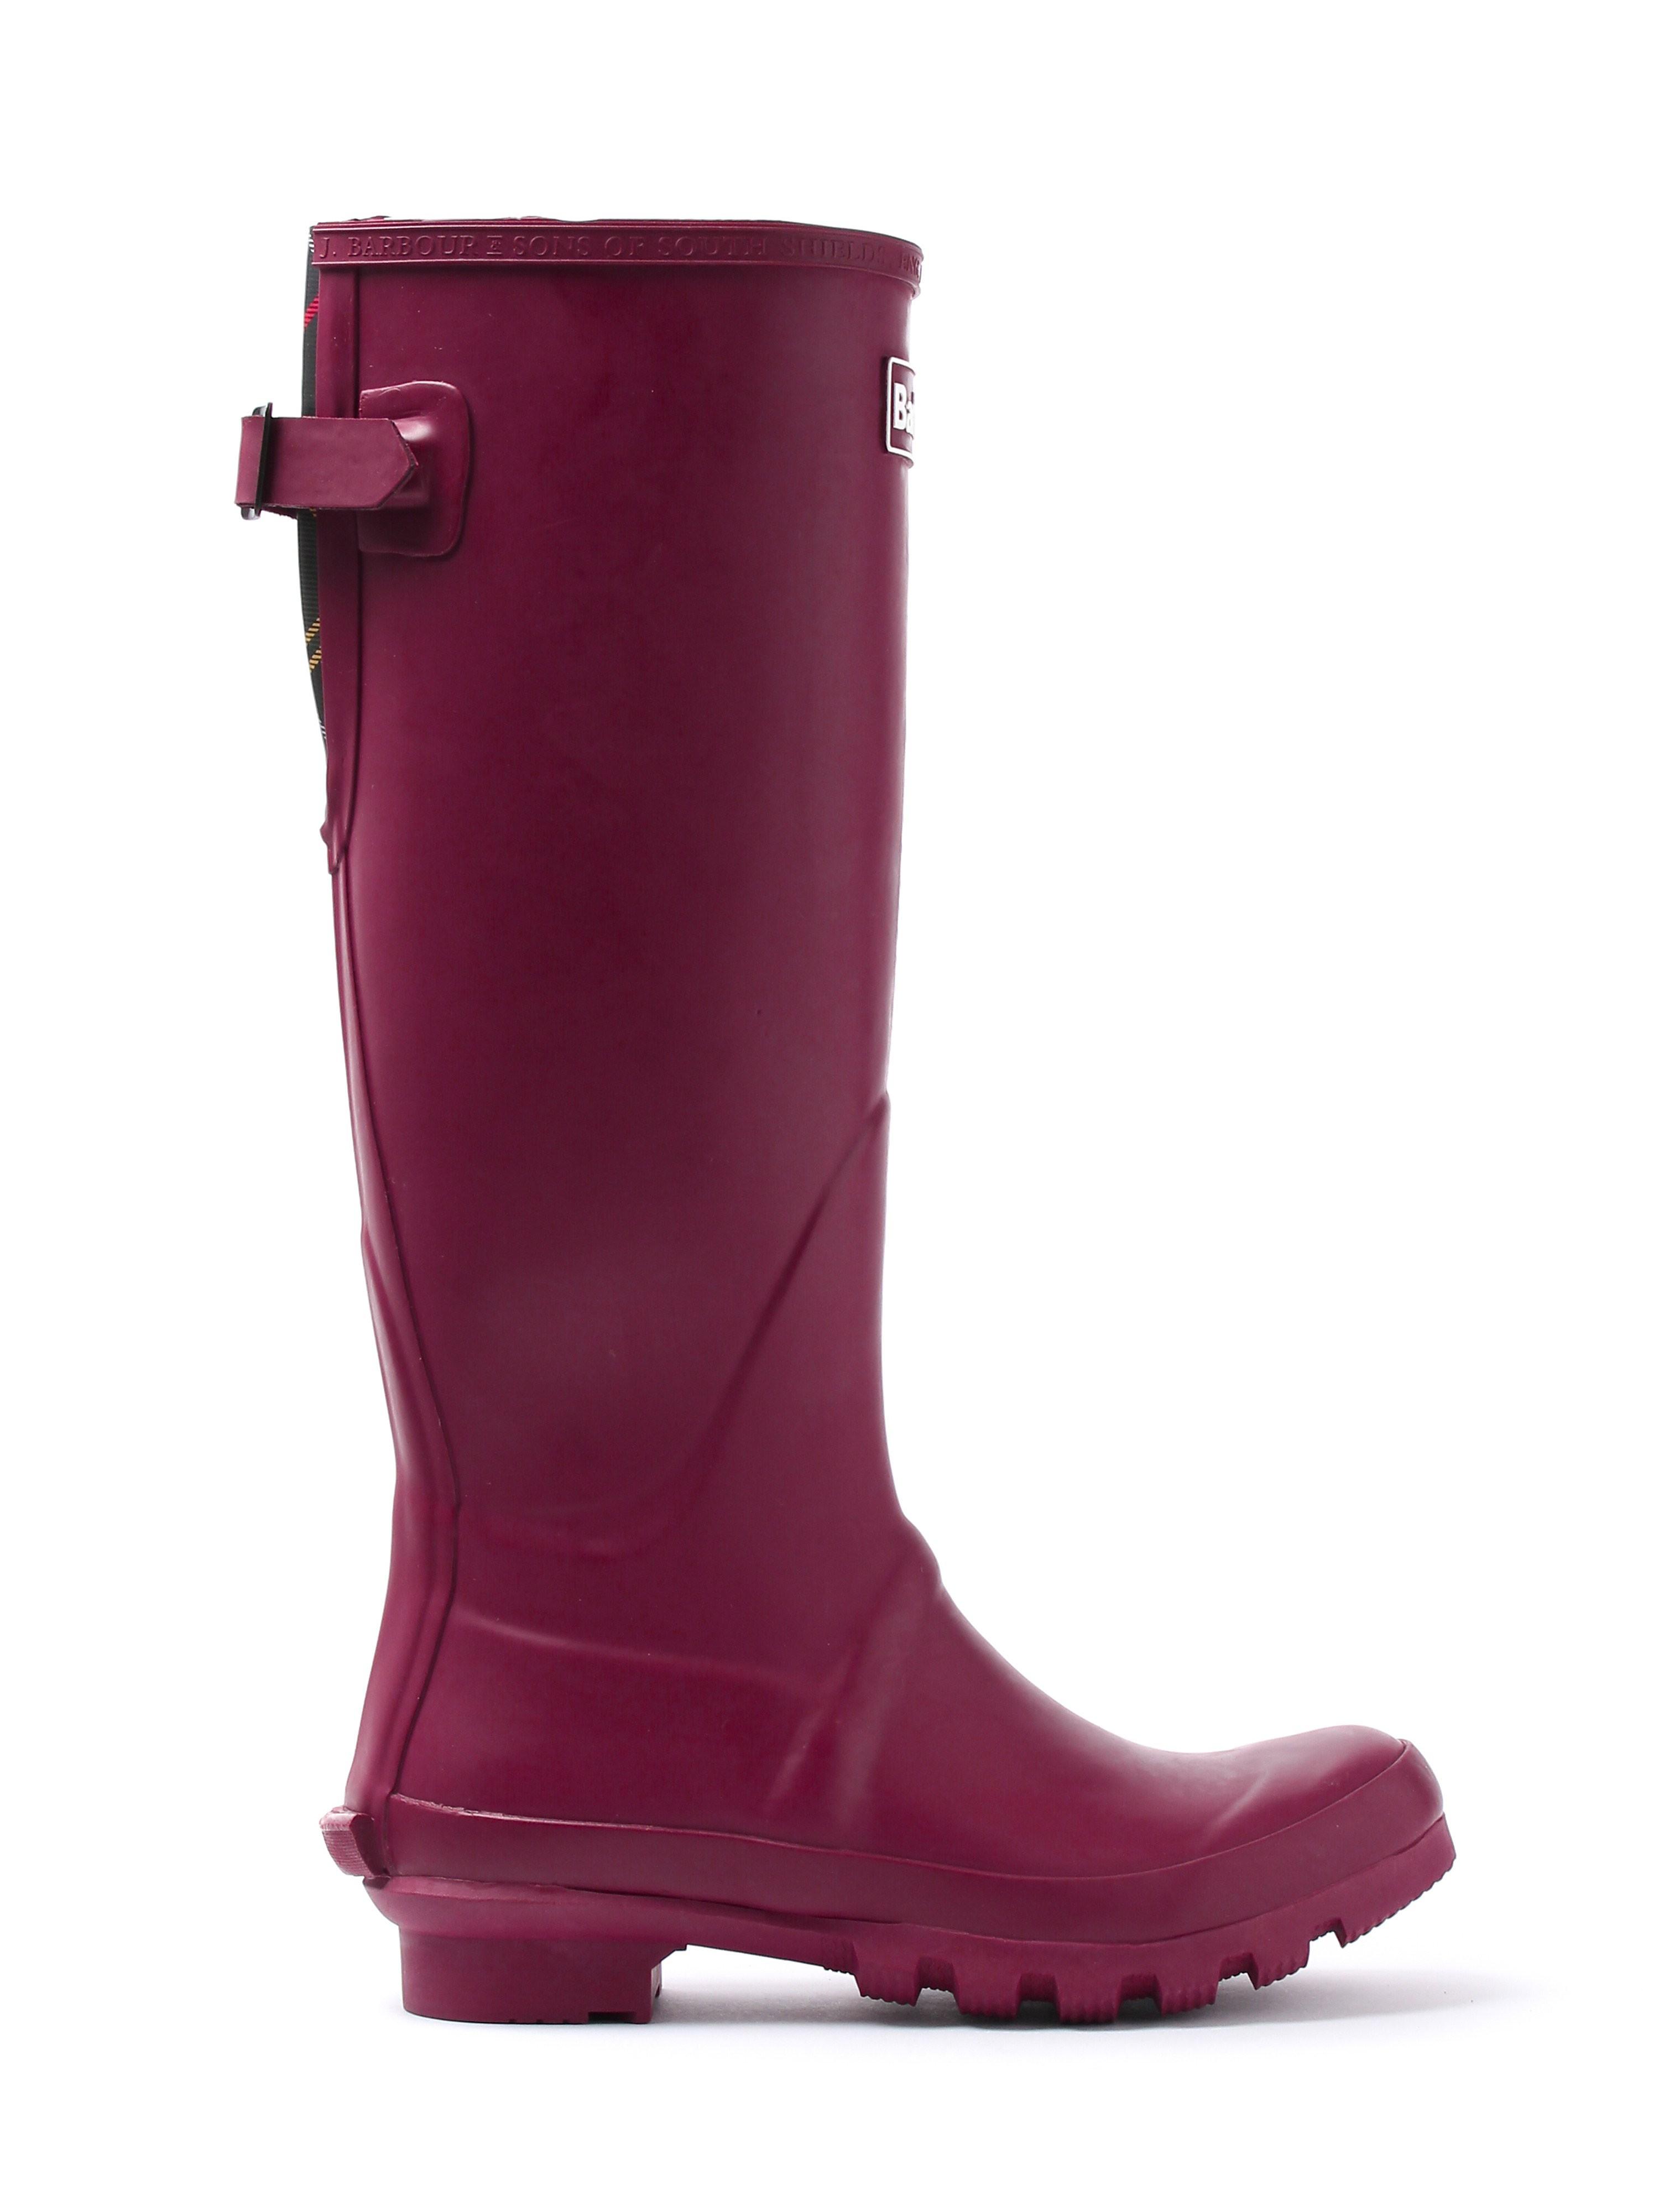 Barbour Women's Jarrow Wellington Boot - Burgundy